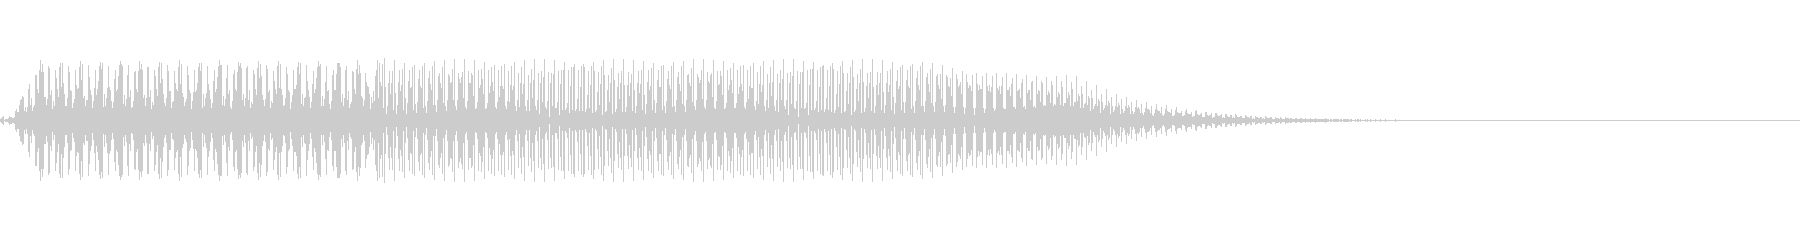 ボタン押下や決定音_ピロッ!の未再生の波形